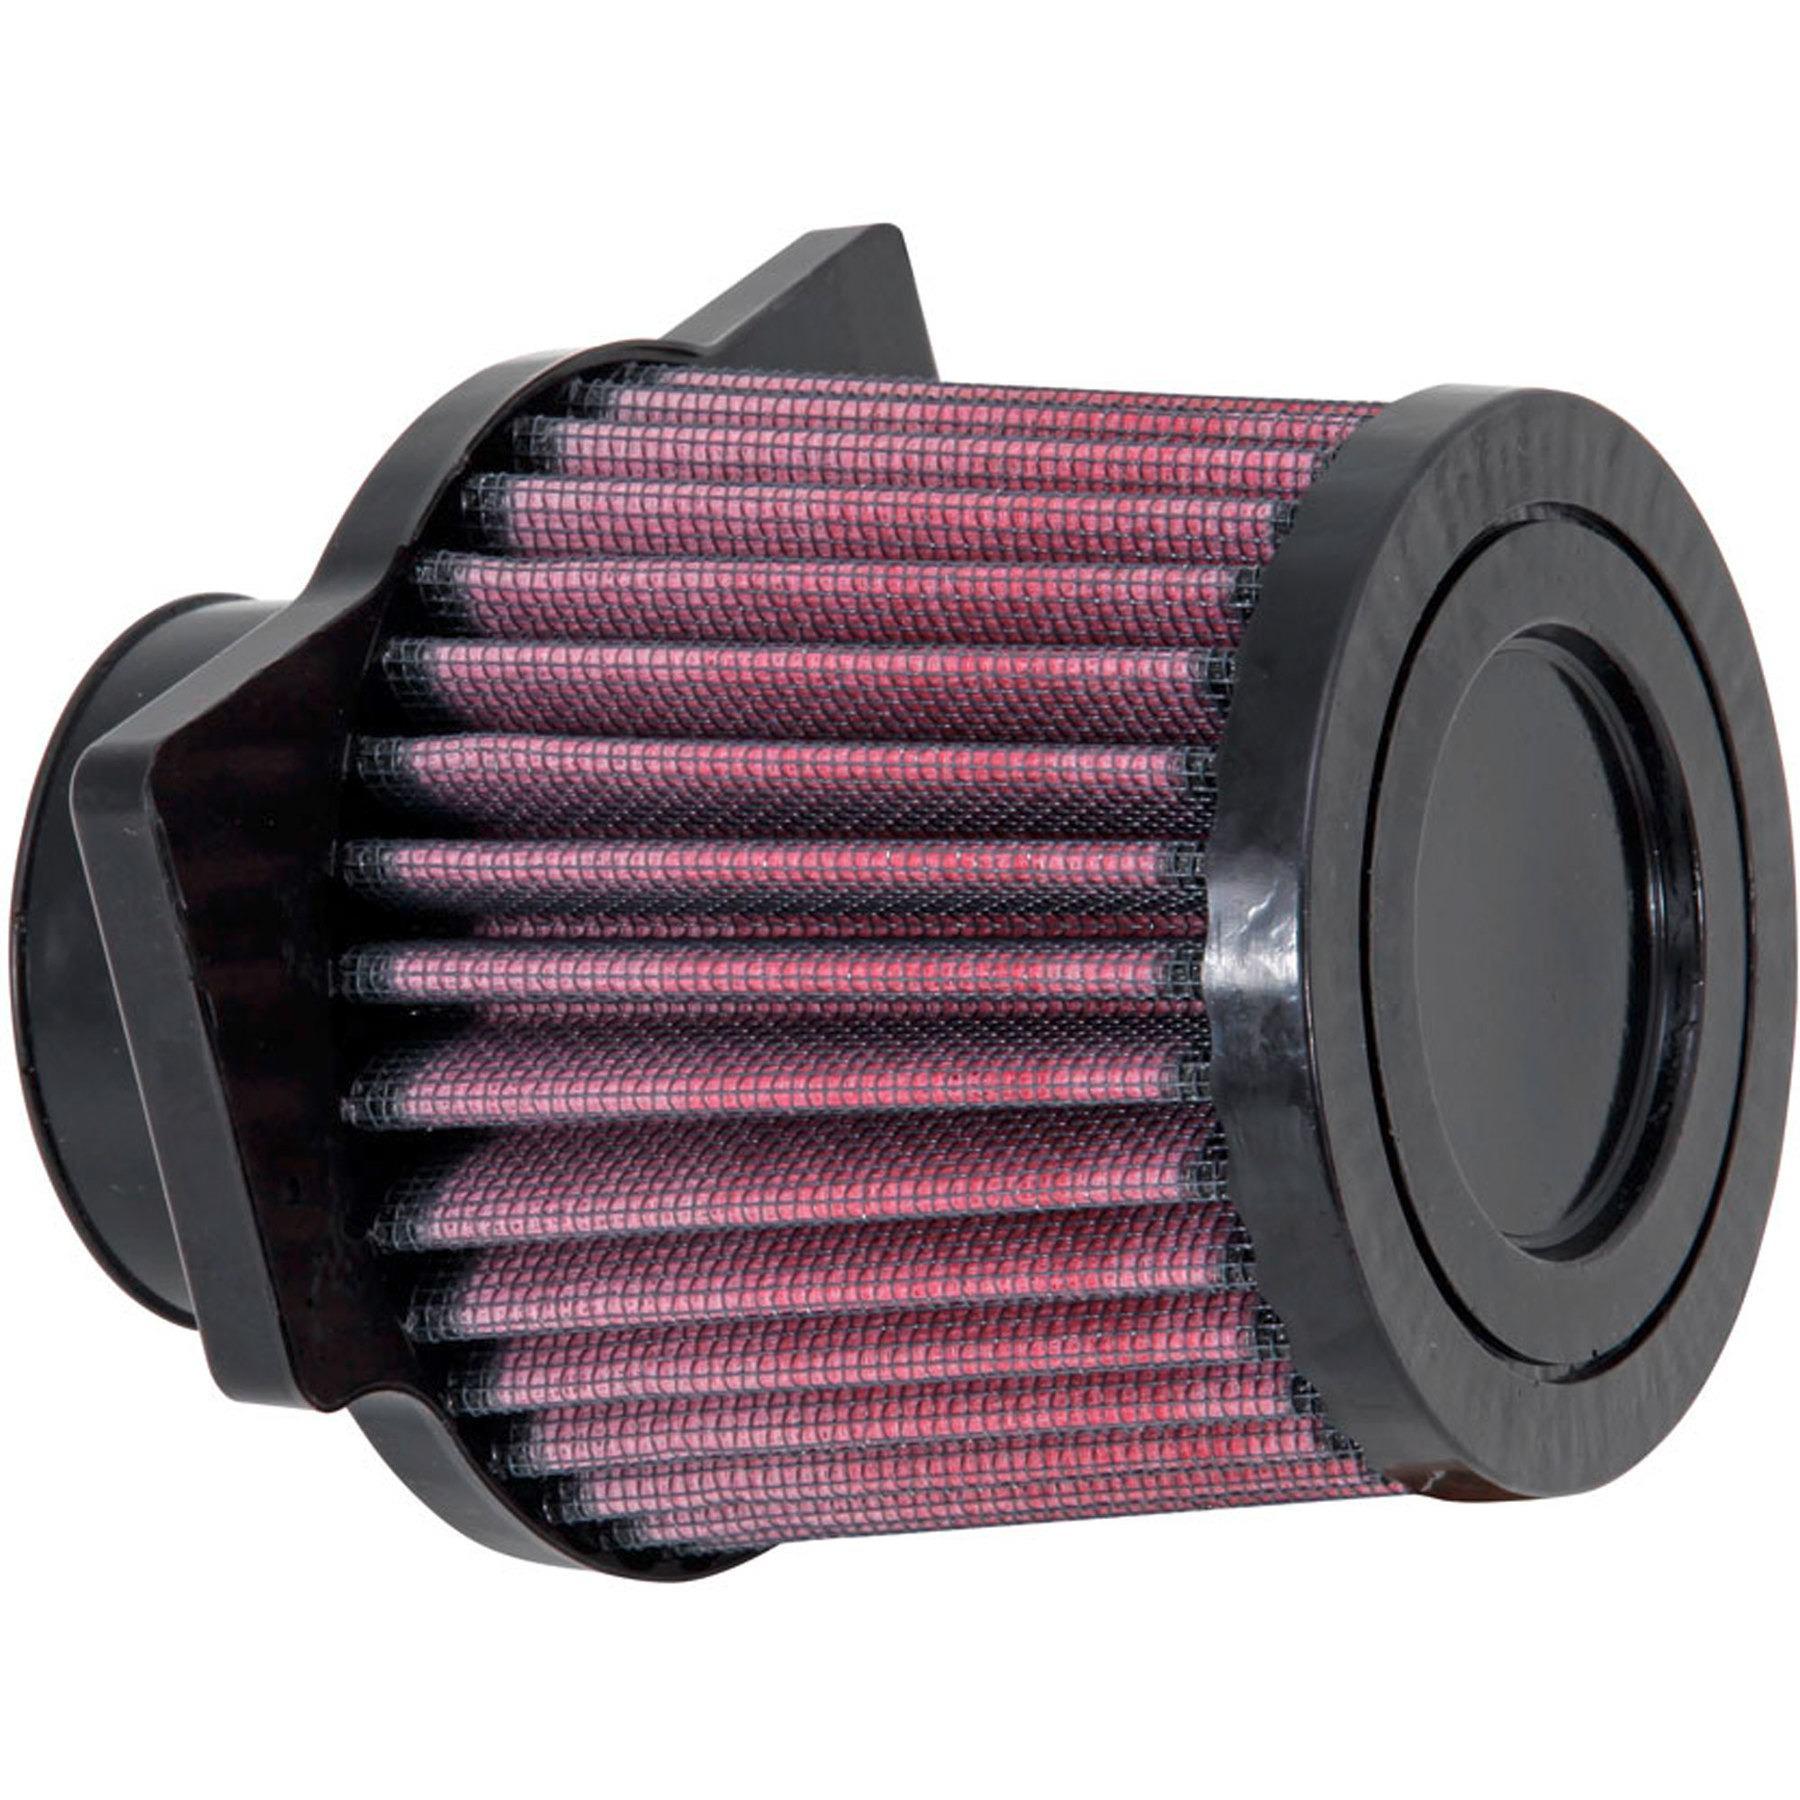 K/&N Air Filter For Honda 2002 CBR600 F2